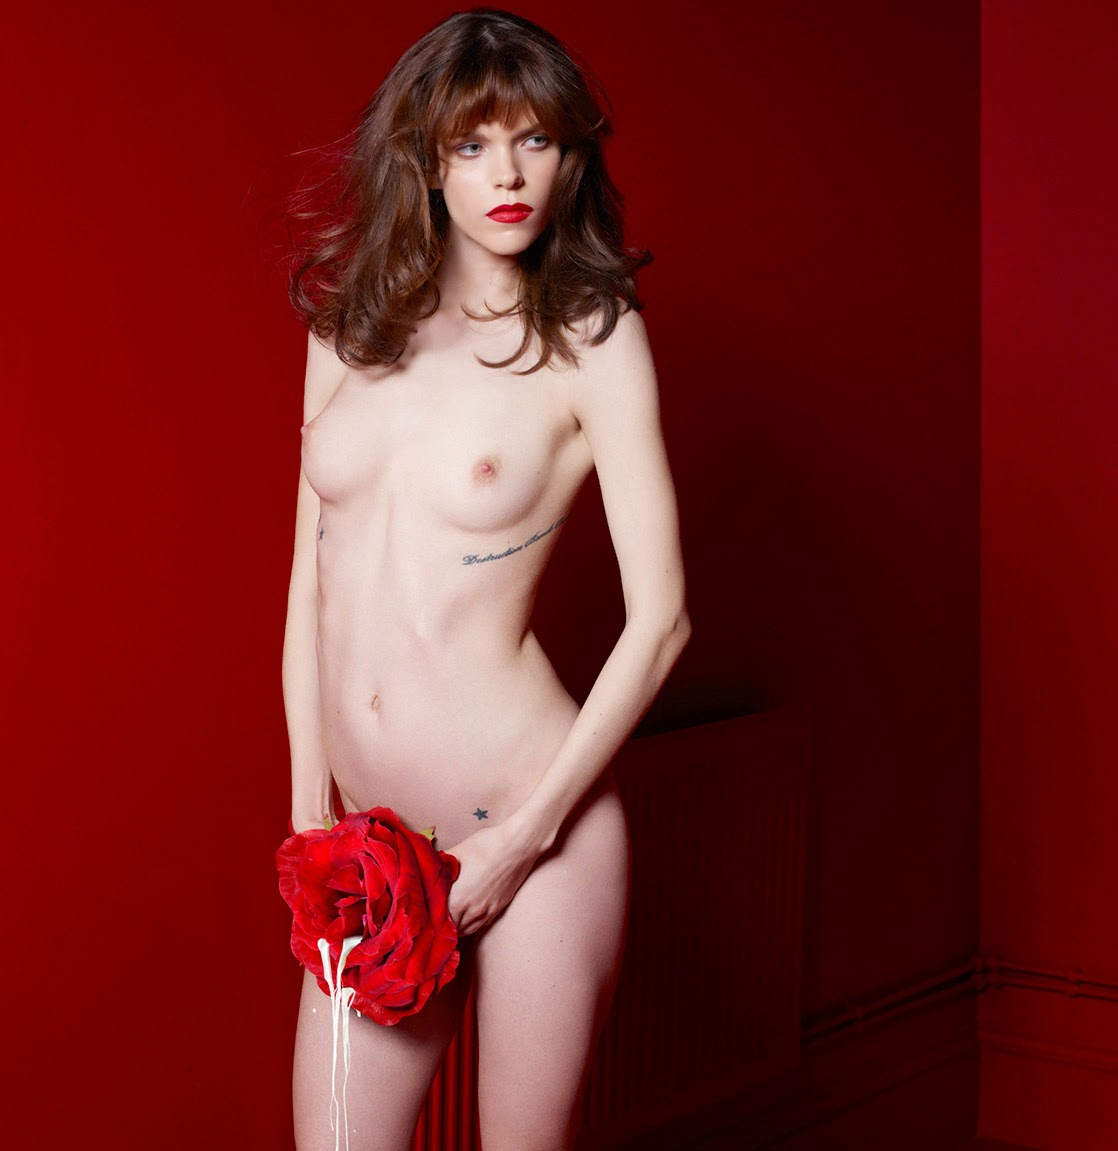 http://3.bp.blogspot.com/-L66XLUwZktg/Uy1CryOH4DI/AAAAAAAA1nE/-9pyWHxcGNU/s1600/%25C2%25A9Cuneyt+Akeroglu+-+The+Red+Room+Project-002.jpg